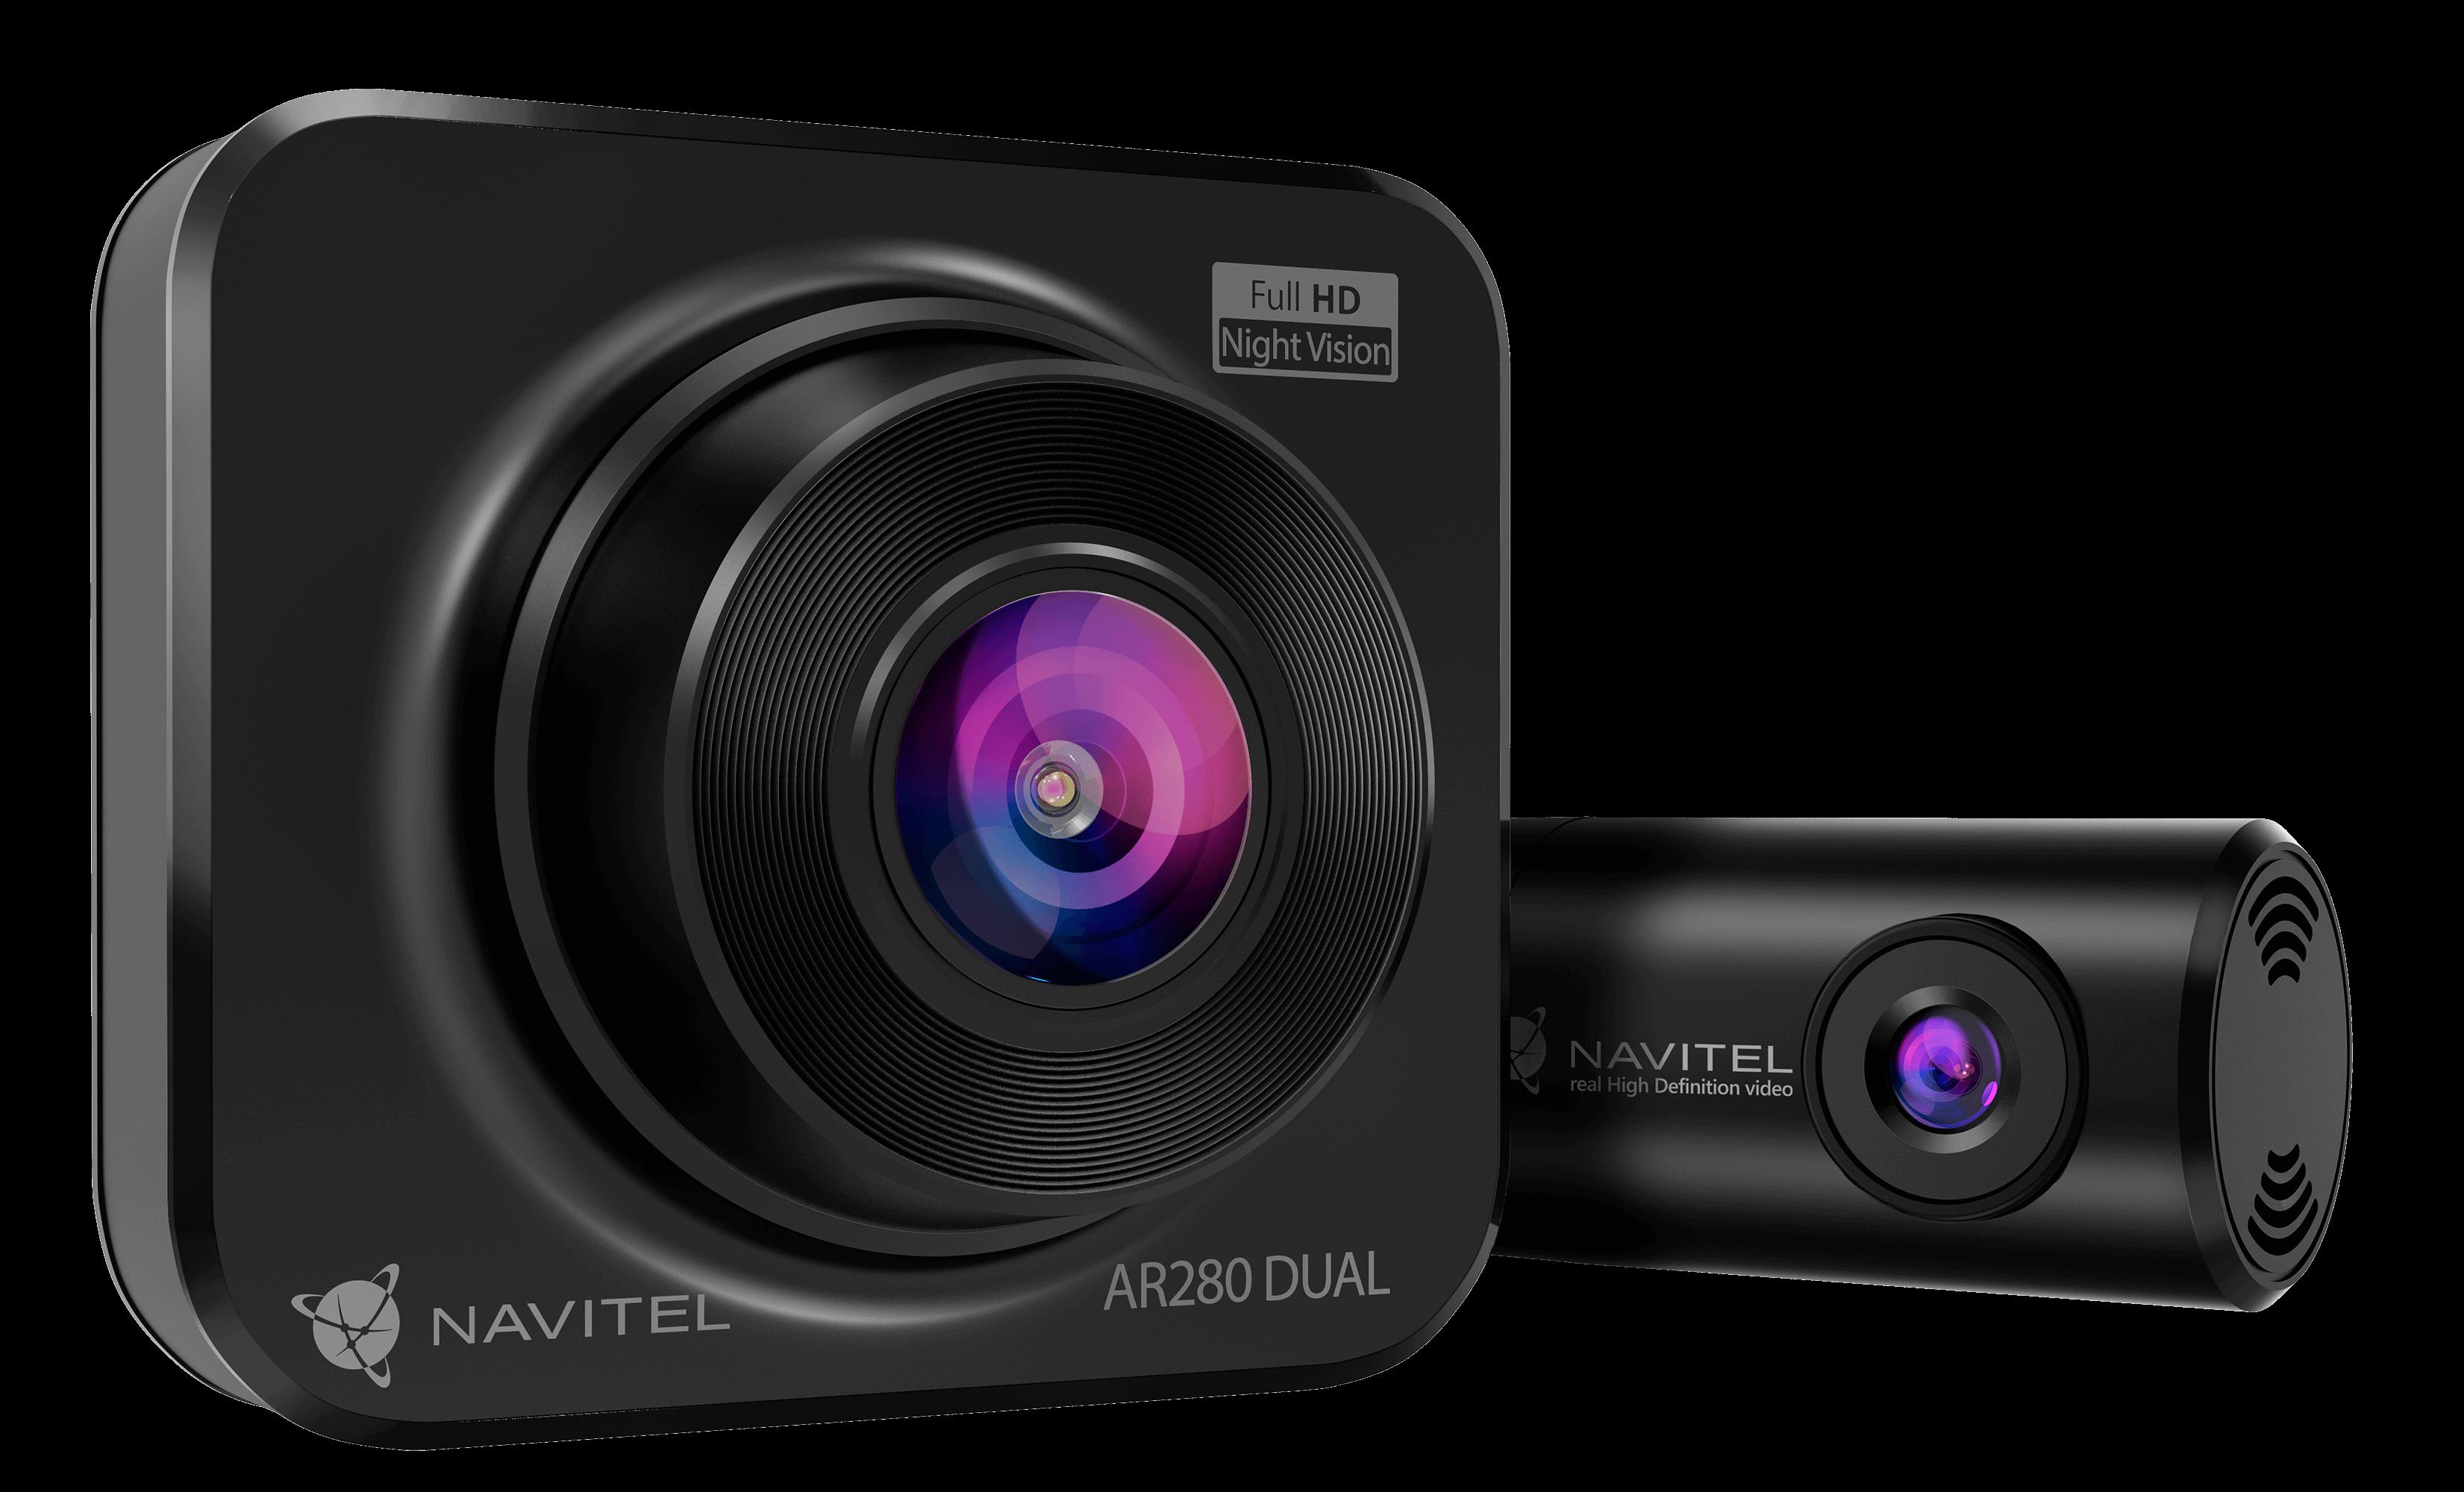 NAVITEL AR280 DUAL – wideorejestrator z sensorem night vision i tylną kamerą